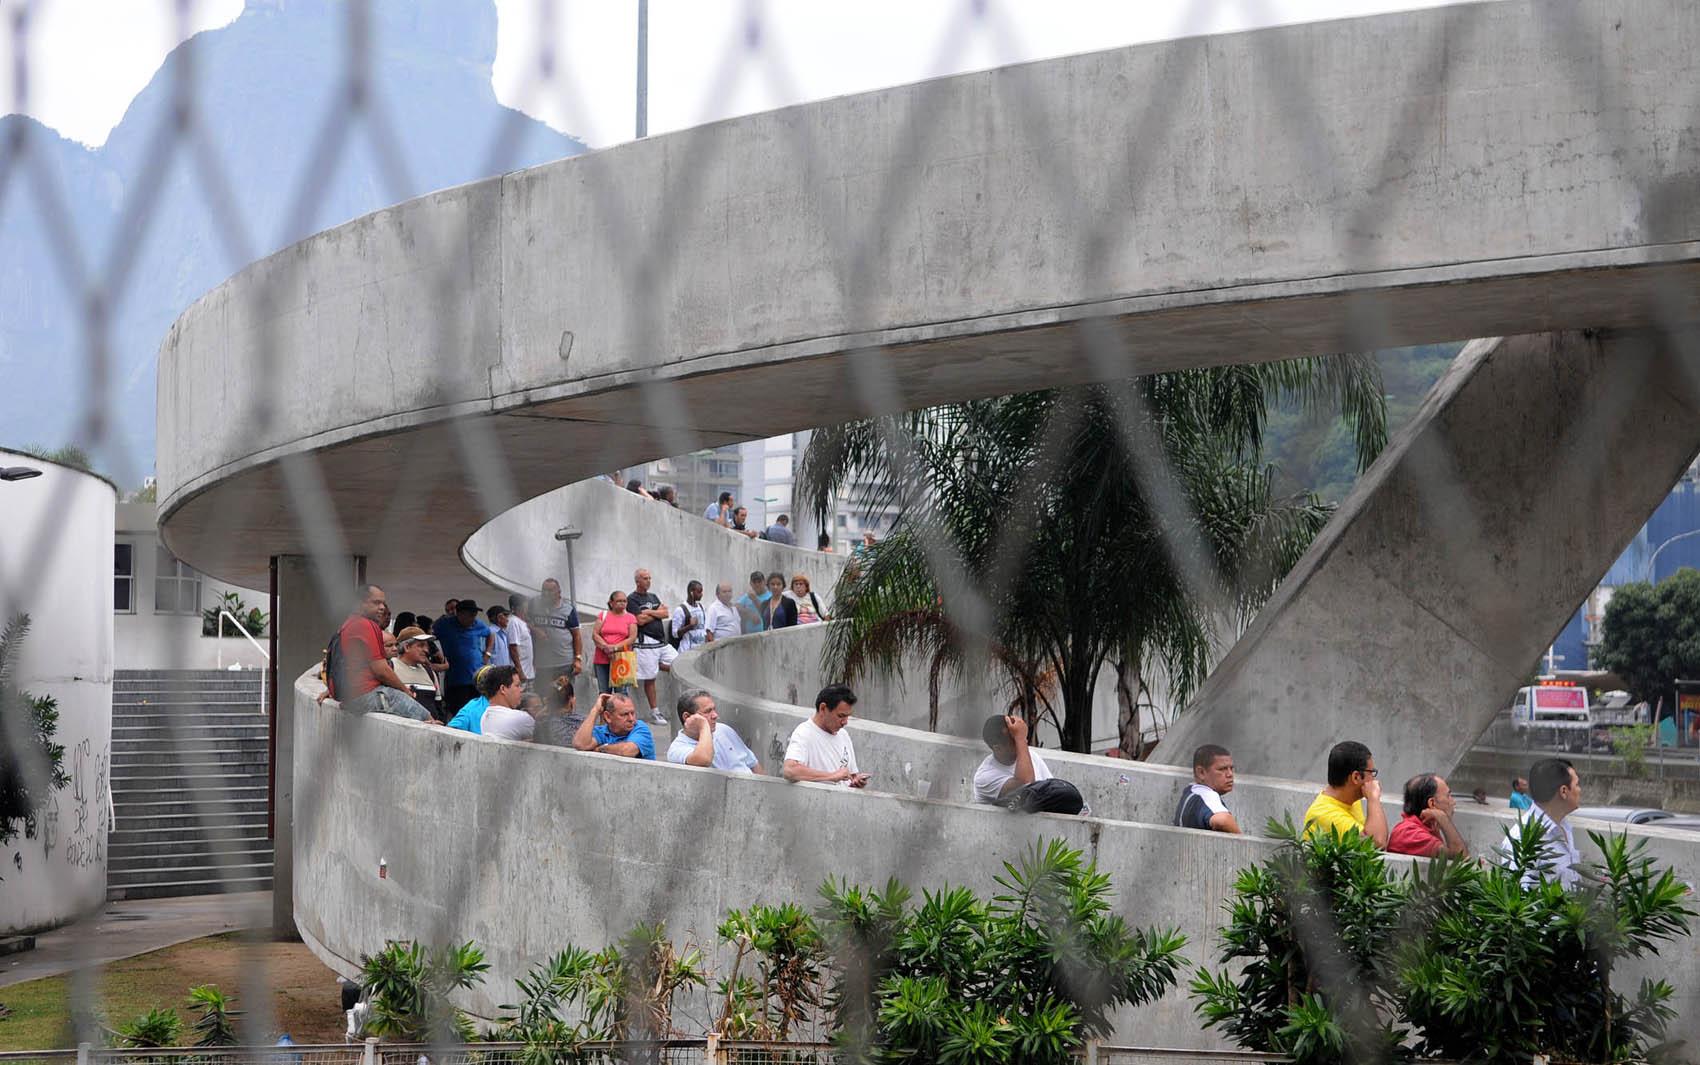 Eleitores da Rocinha aguardam para votar. O Rio de Janeiro tem mais de 12 milhões de eleitores.